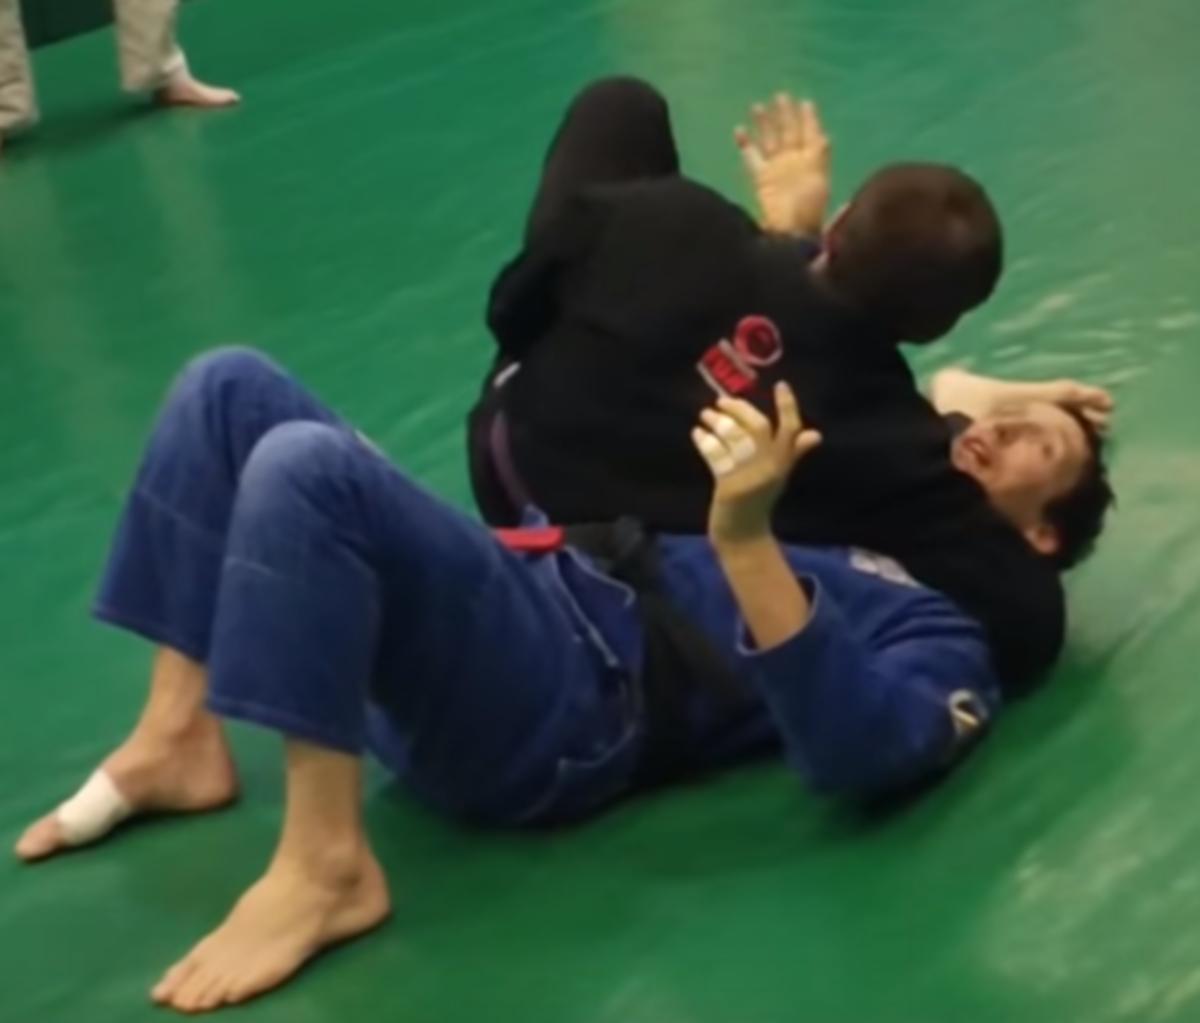 How to Escape a Headlock in Brazilian Jiu-Jitsu